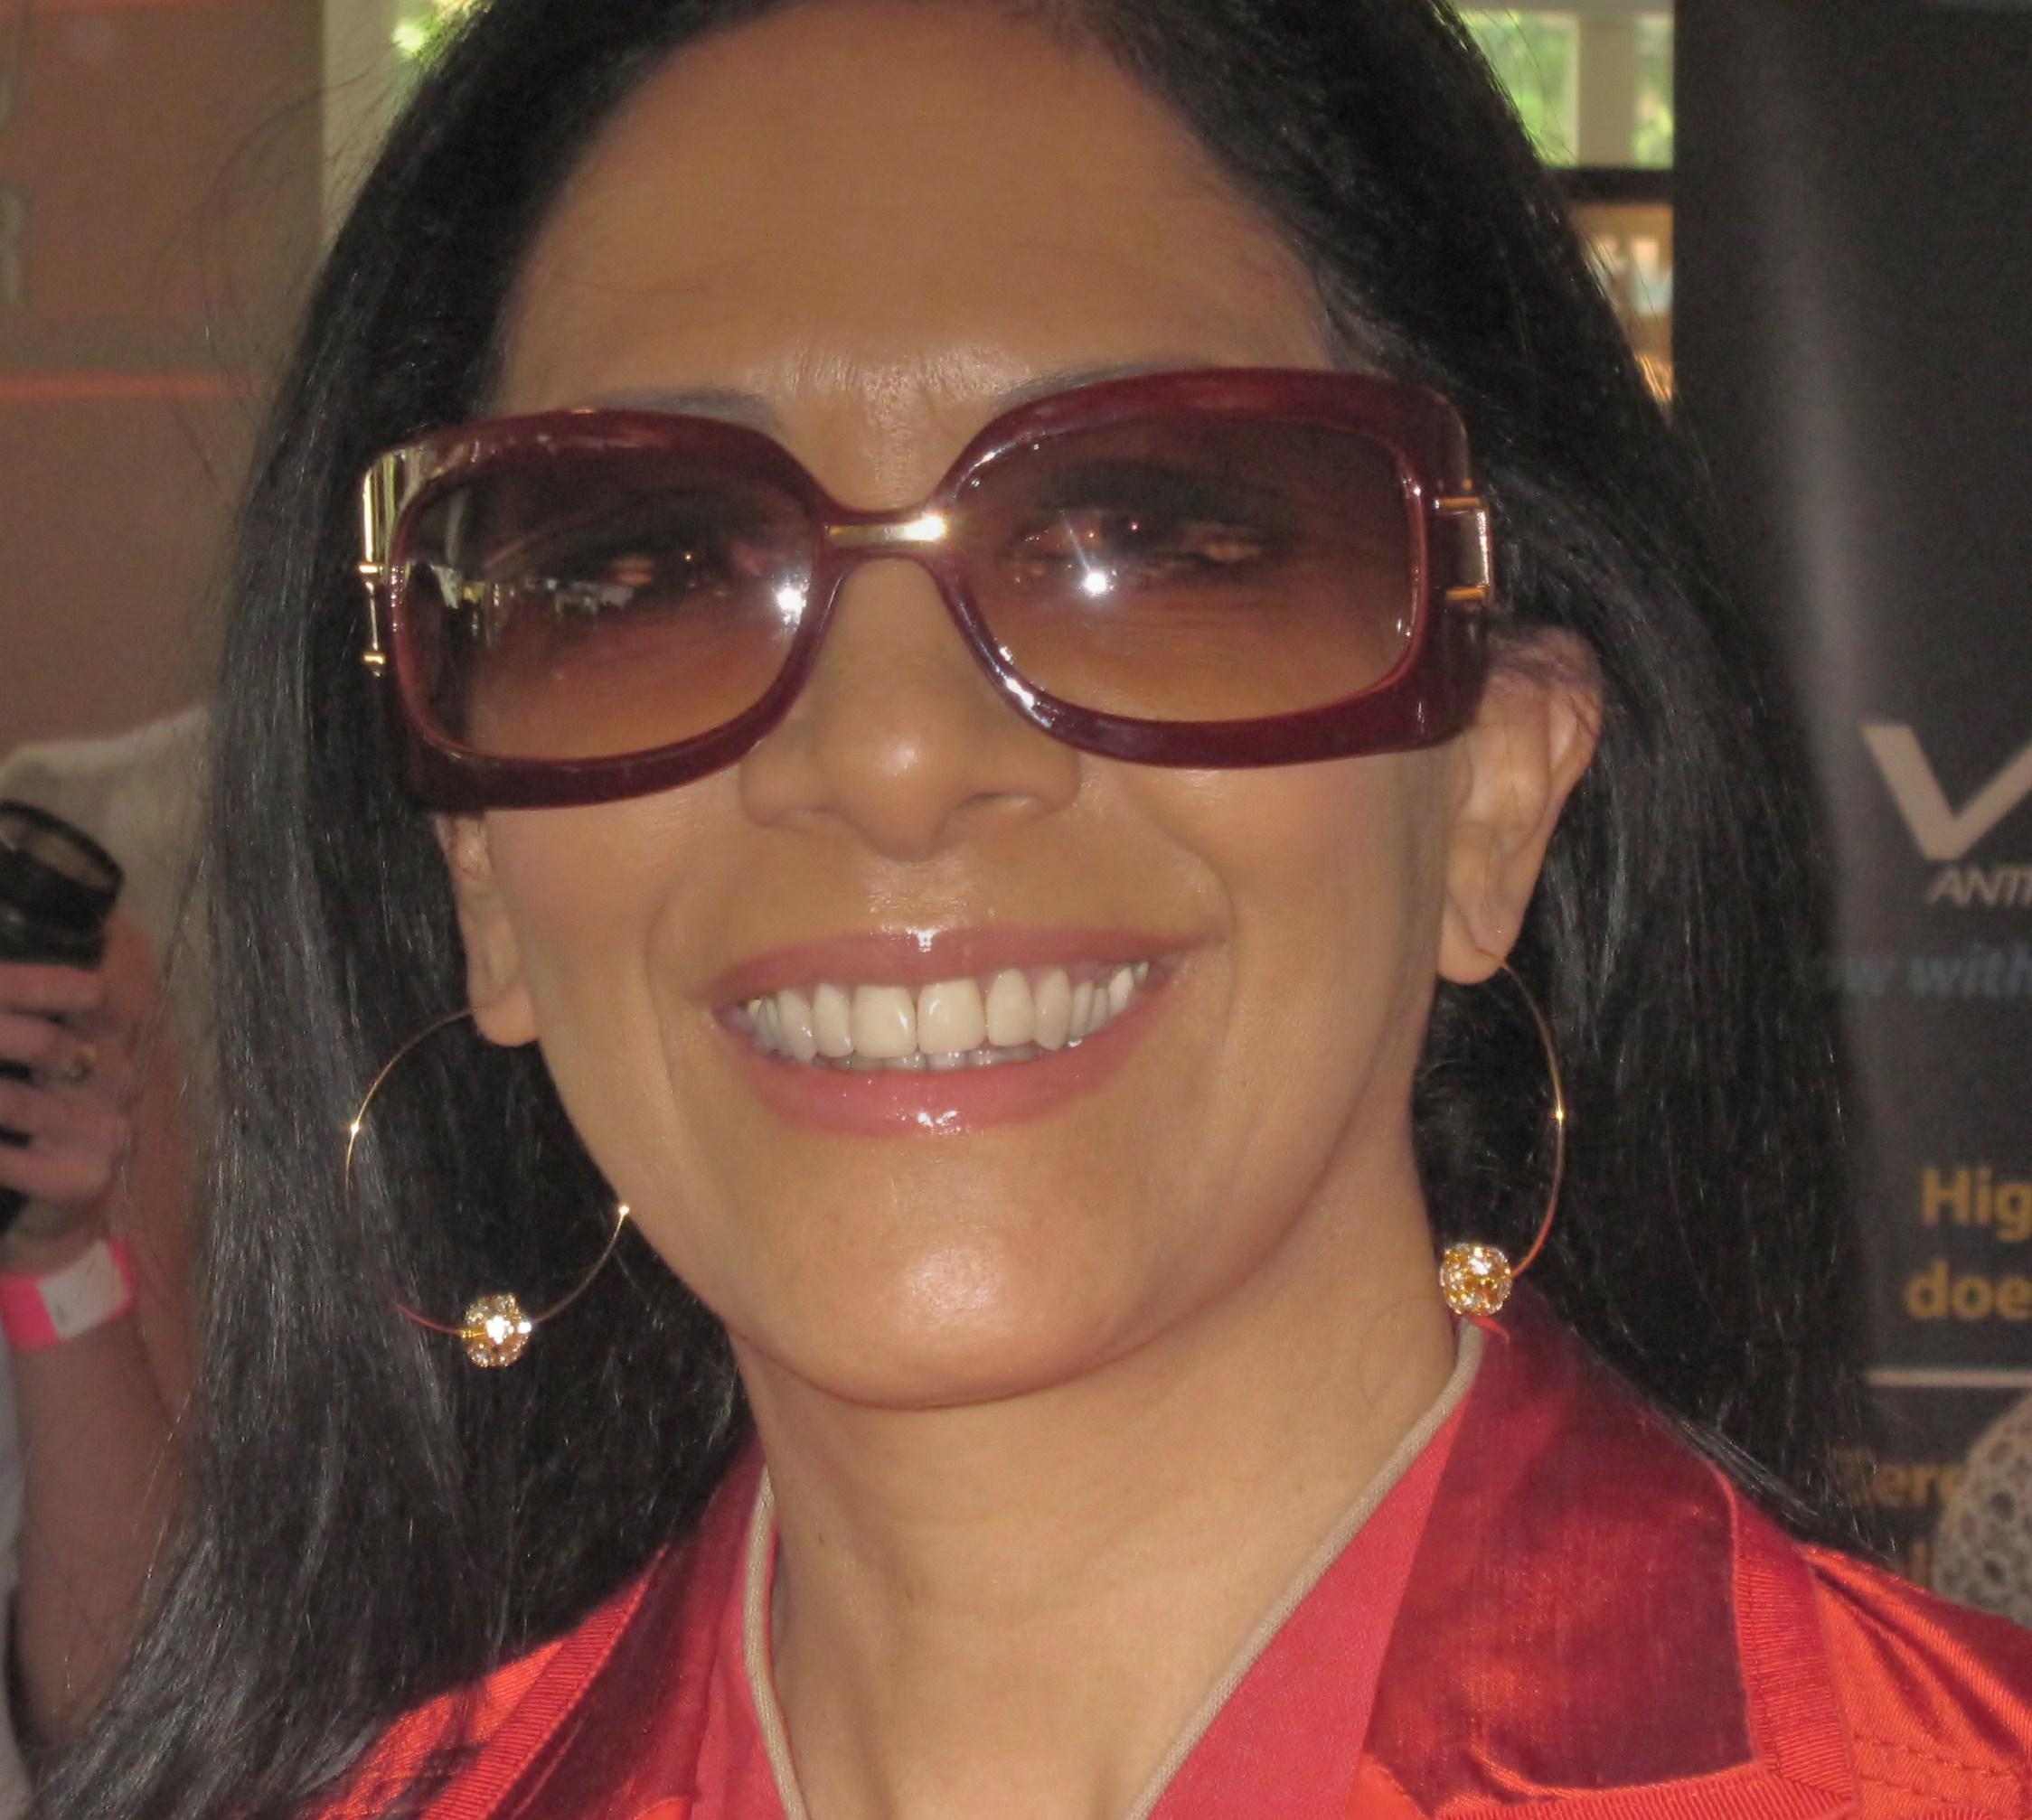 Sheila e s glorious in statement earrings